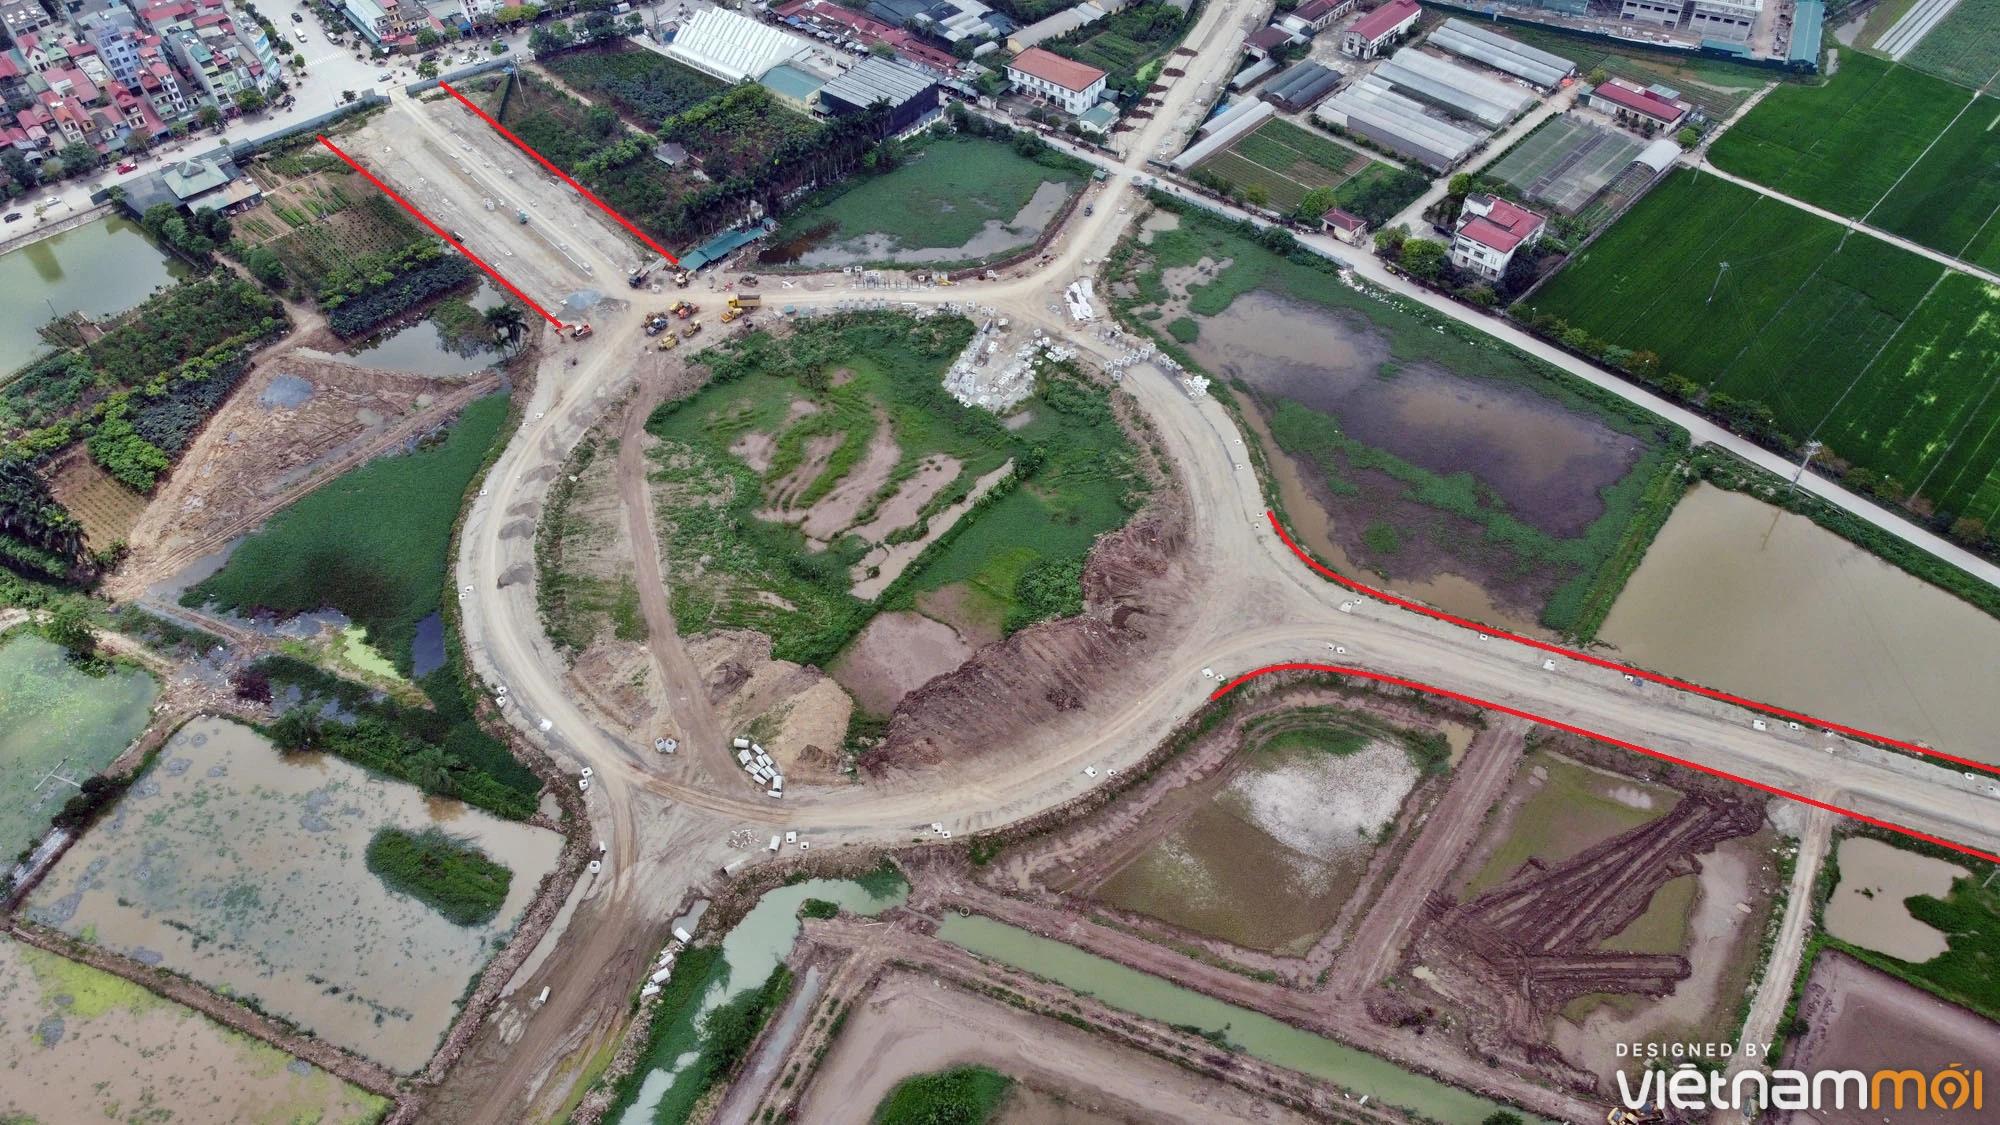 Toàn cảnh đường từ Kiêu Kỵ đến sông Cầu Bây qua Vinhomes Ocean Park đang mở theo quy hoạch ở Hà Nội - Ảnh 14.